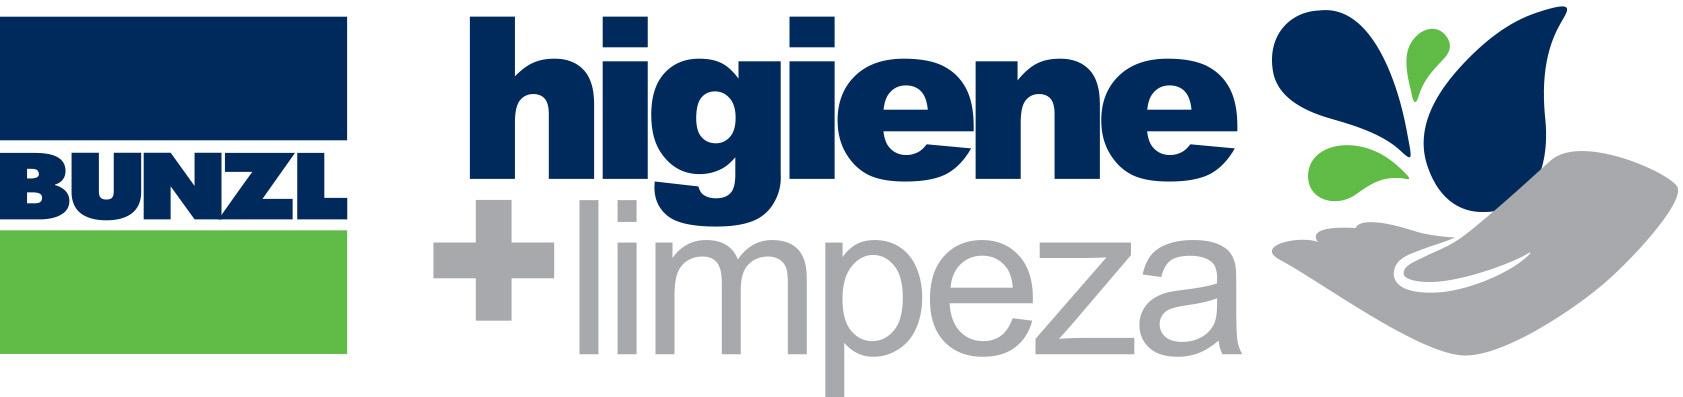 Descrição da imagem: logotipo da Bunzl